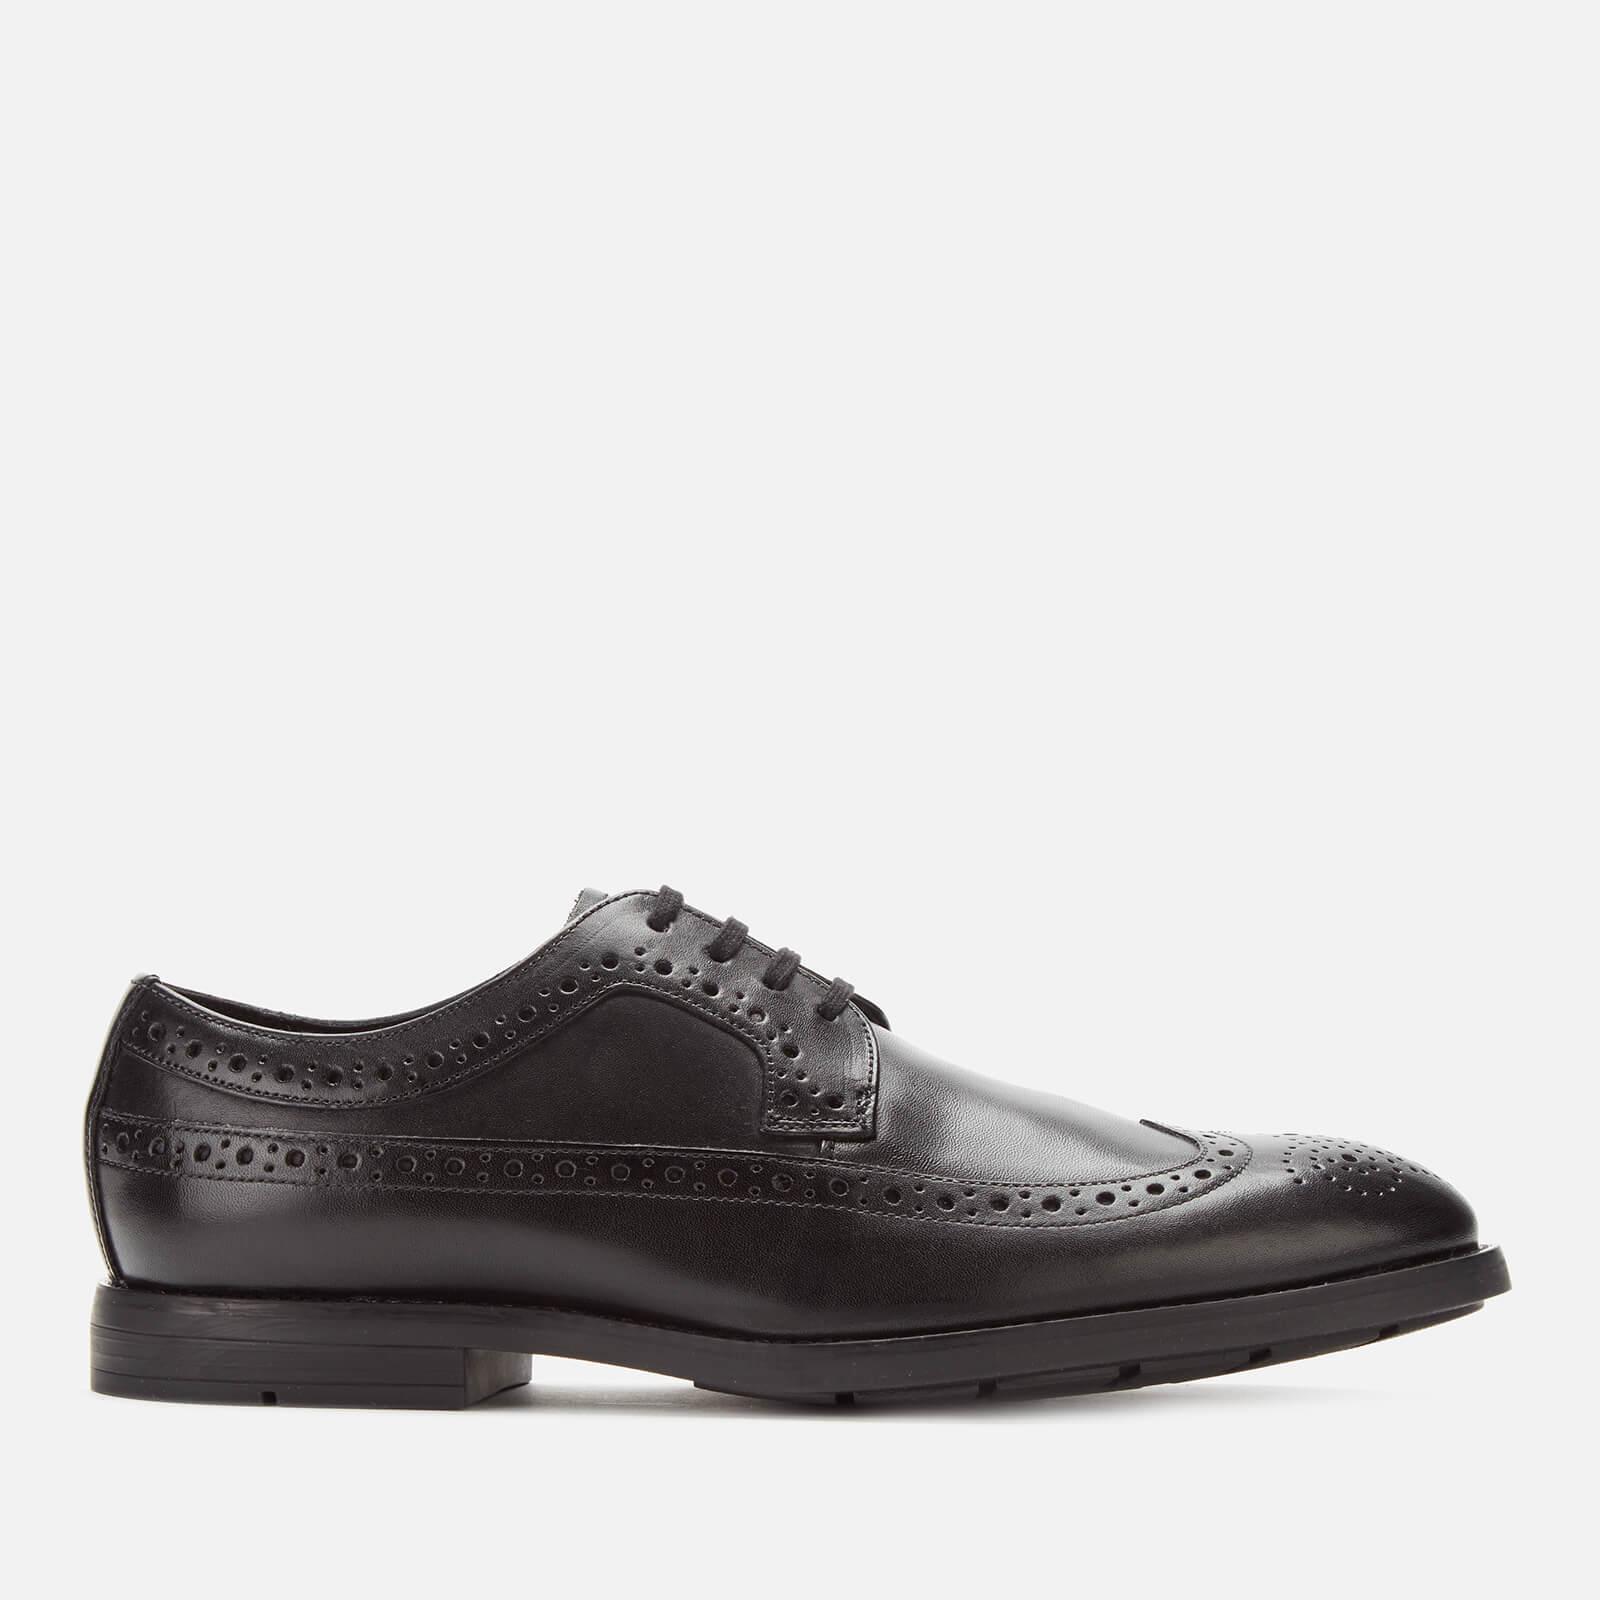 Clarks Men's Ronnie Limit Leather Derby Shoes - Black - UK 10